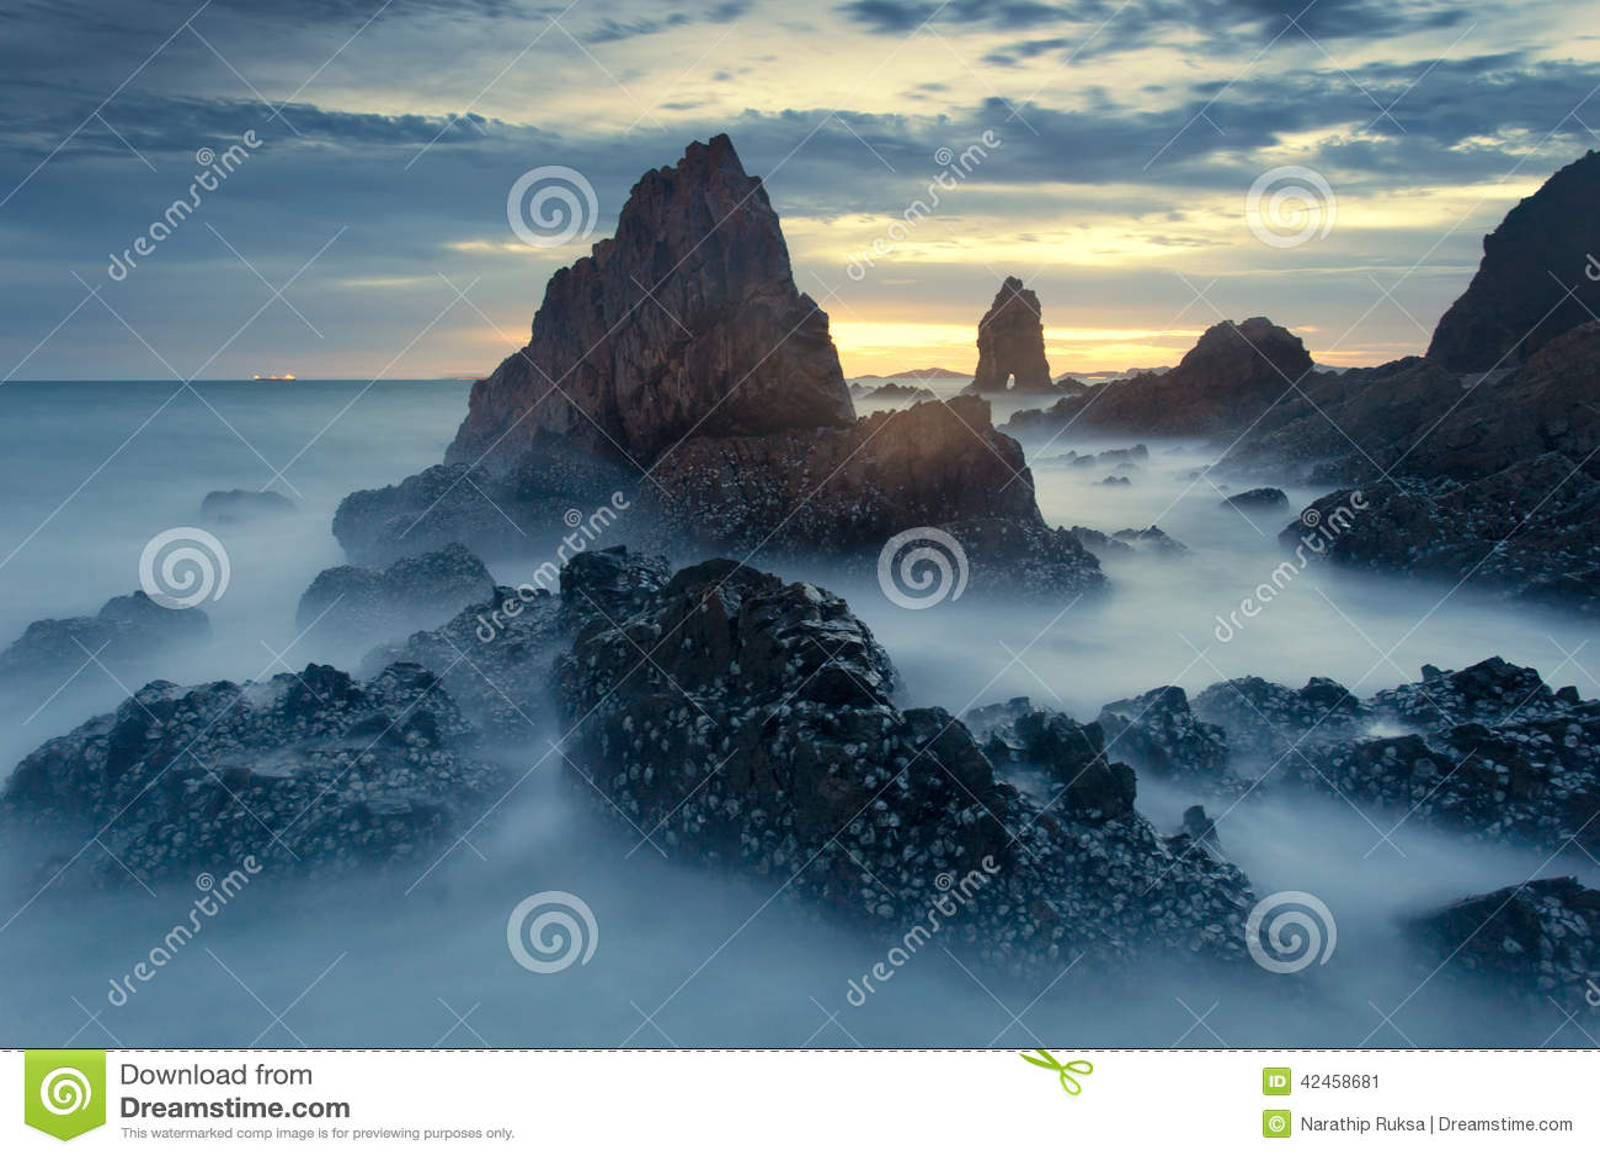 Dunkler Stein mit schönem Sonnenuntergang